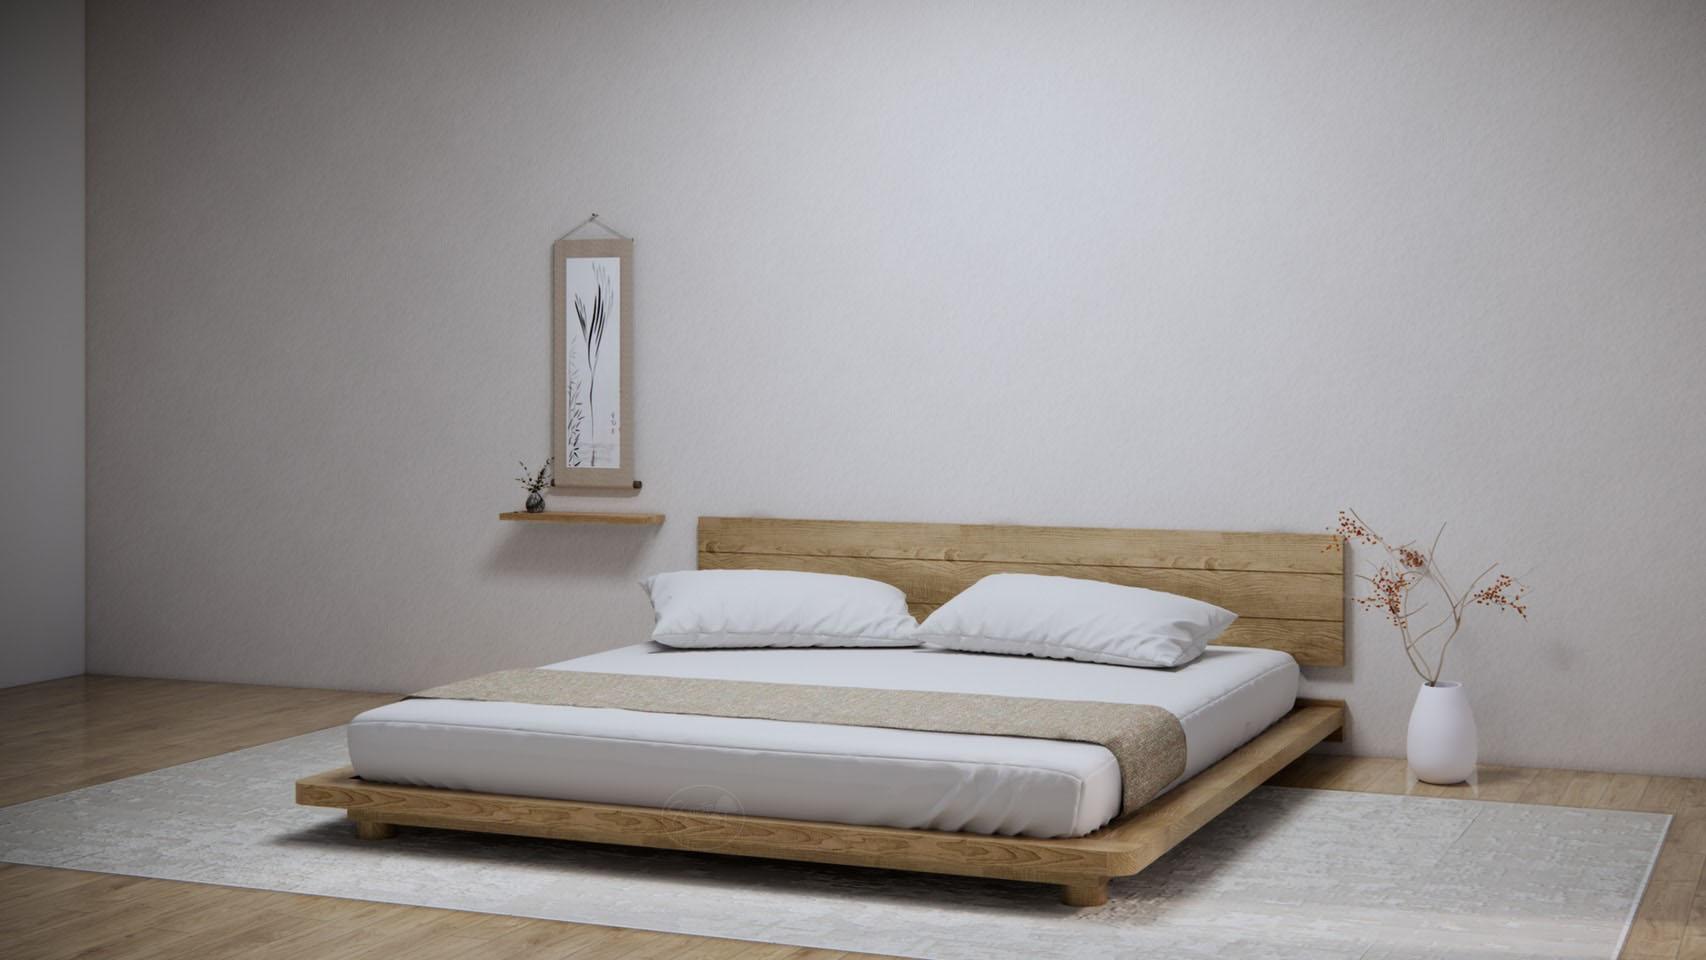 KR113-2 Muji Bed-2 -เตียงมินิมอล มูจิๆ ขากลมเตี้ย